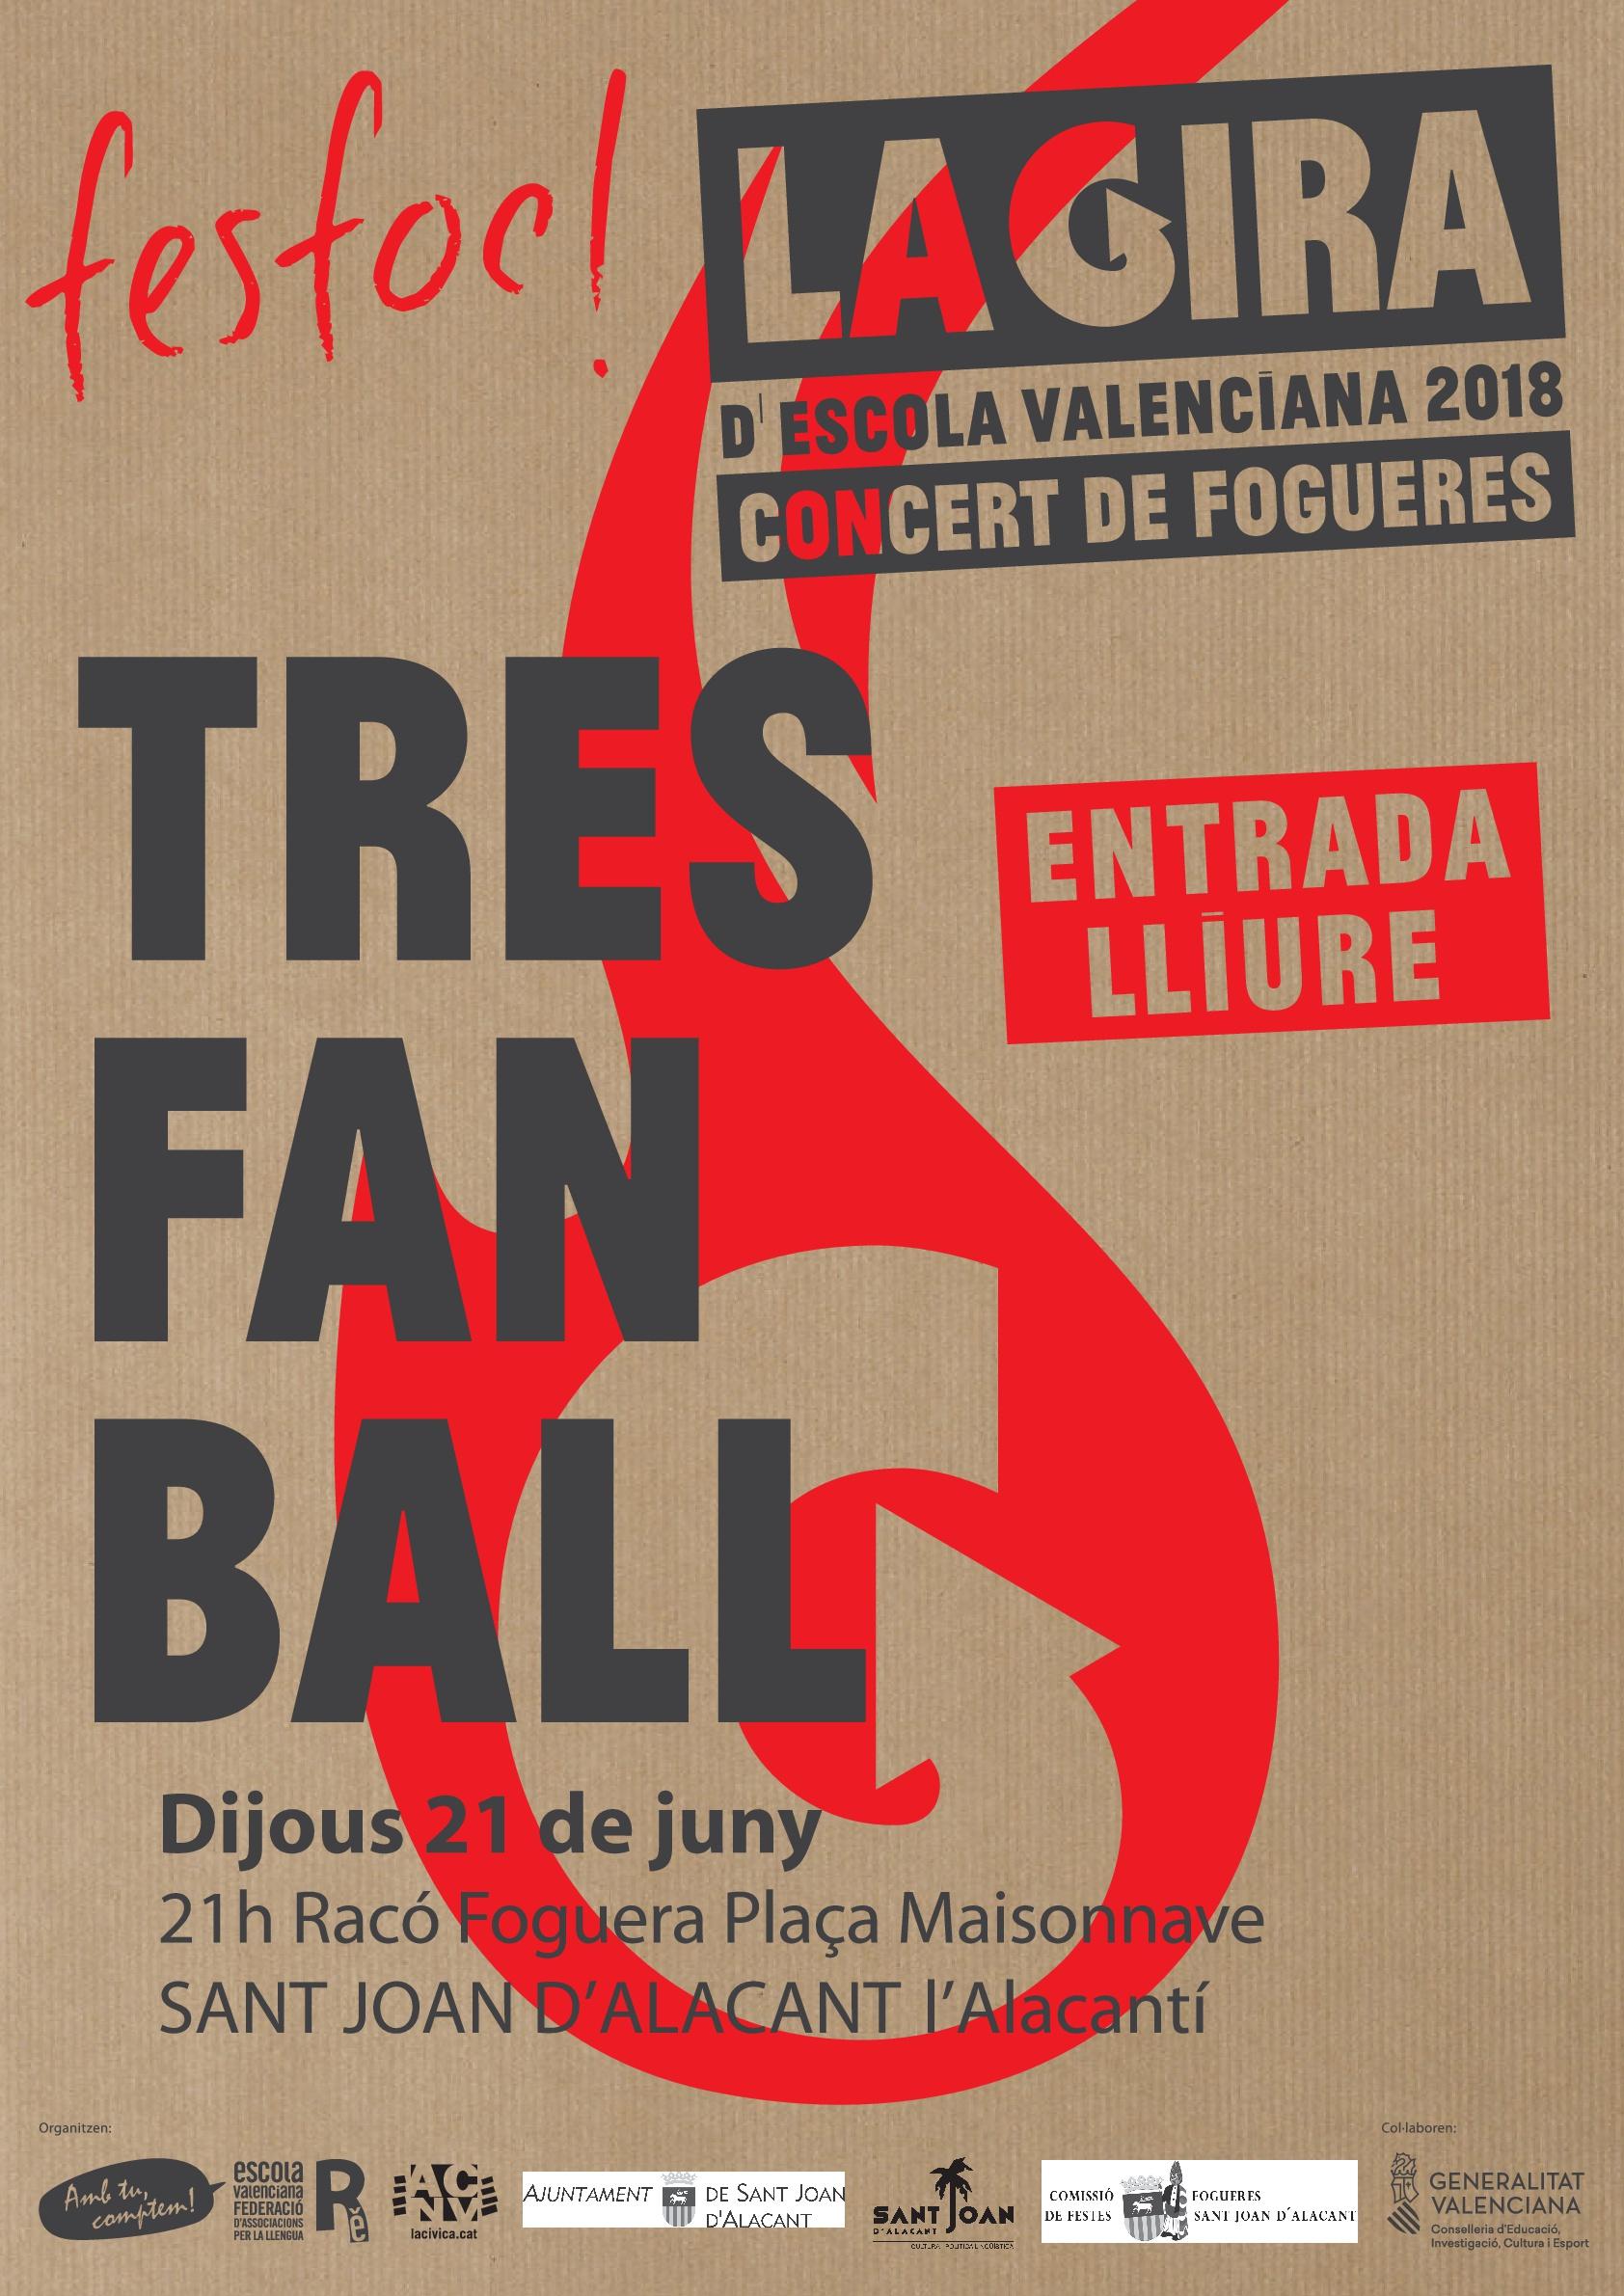 SANT VICENT DEL RASPEIG: FESFOC 2018 Concert de Fogueres